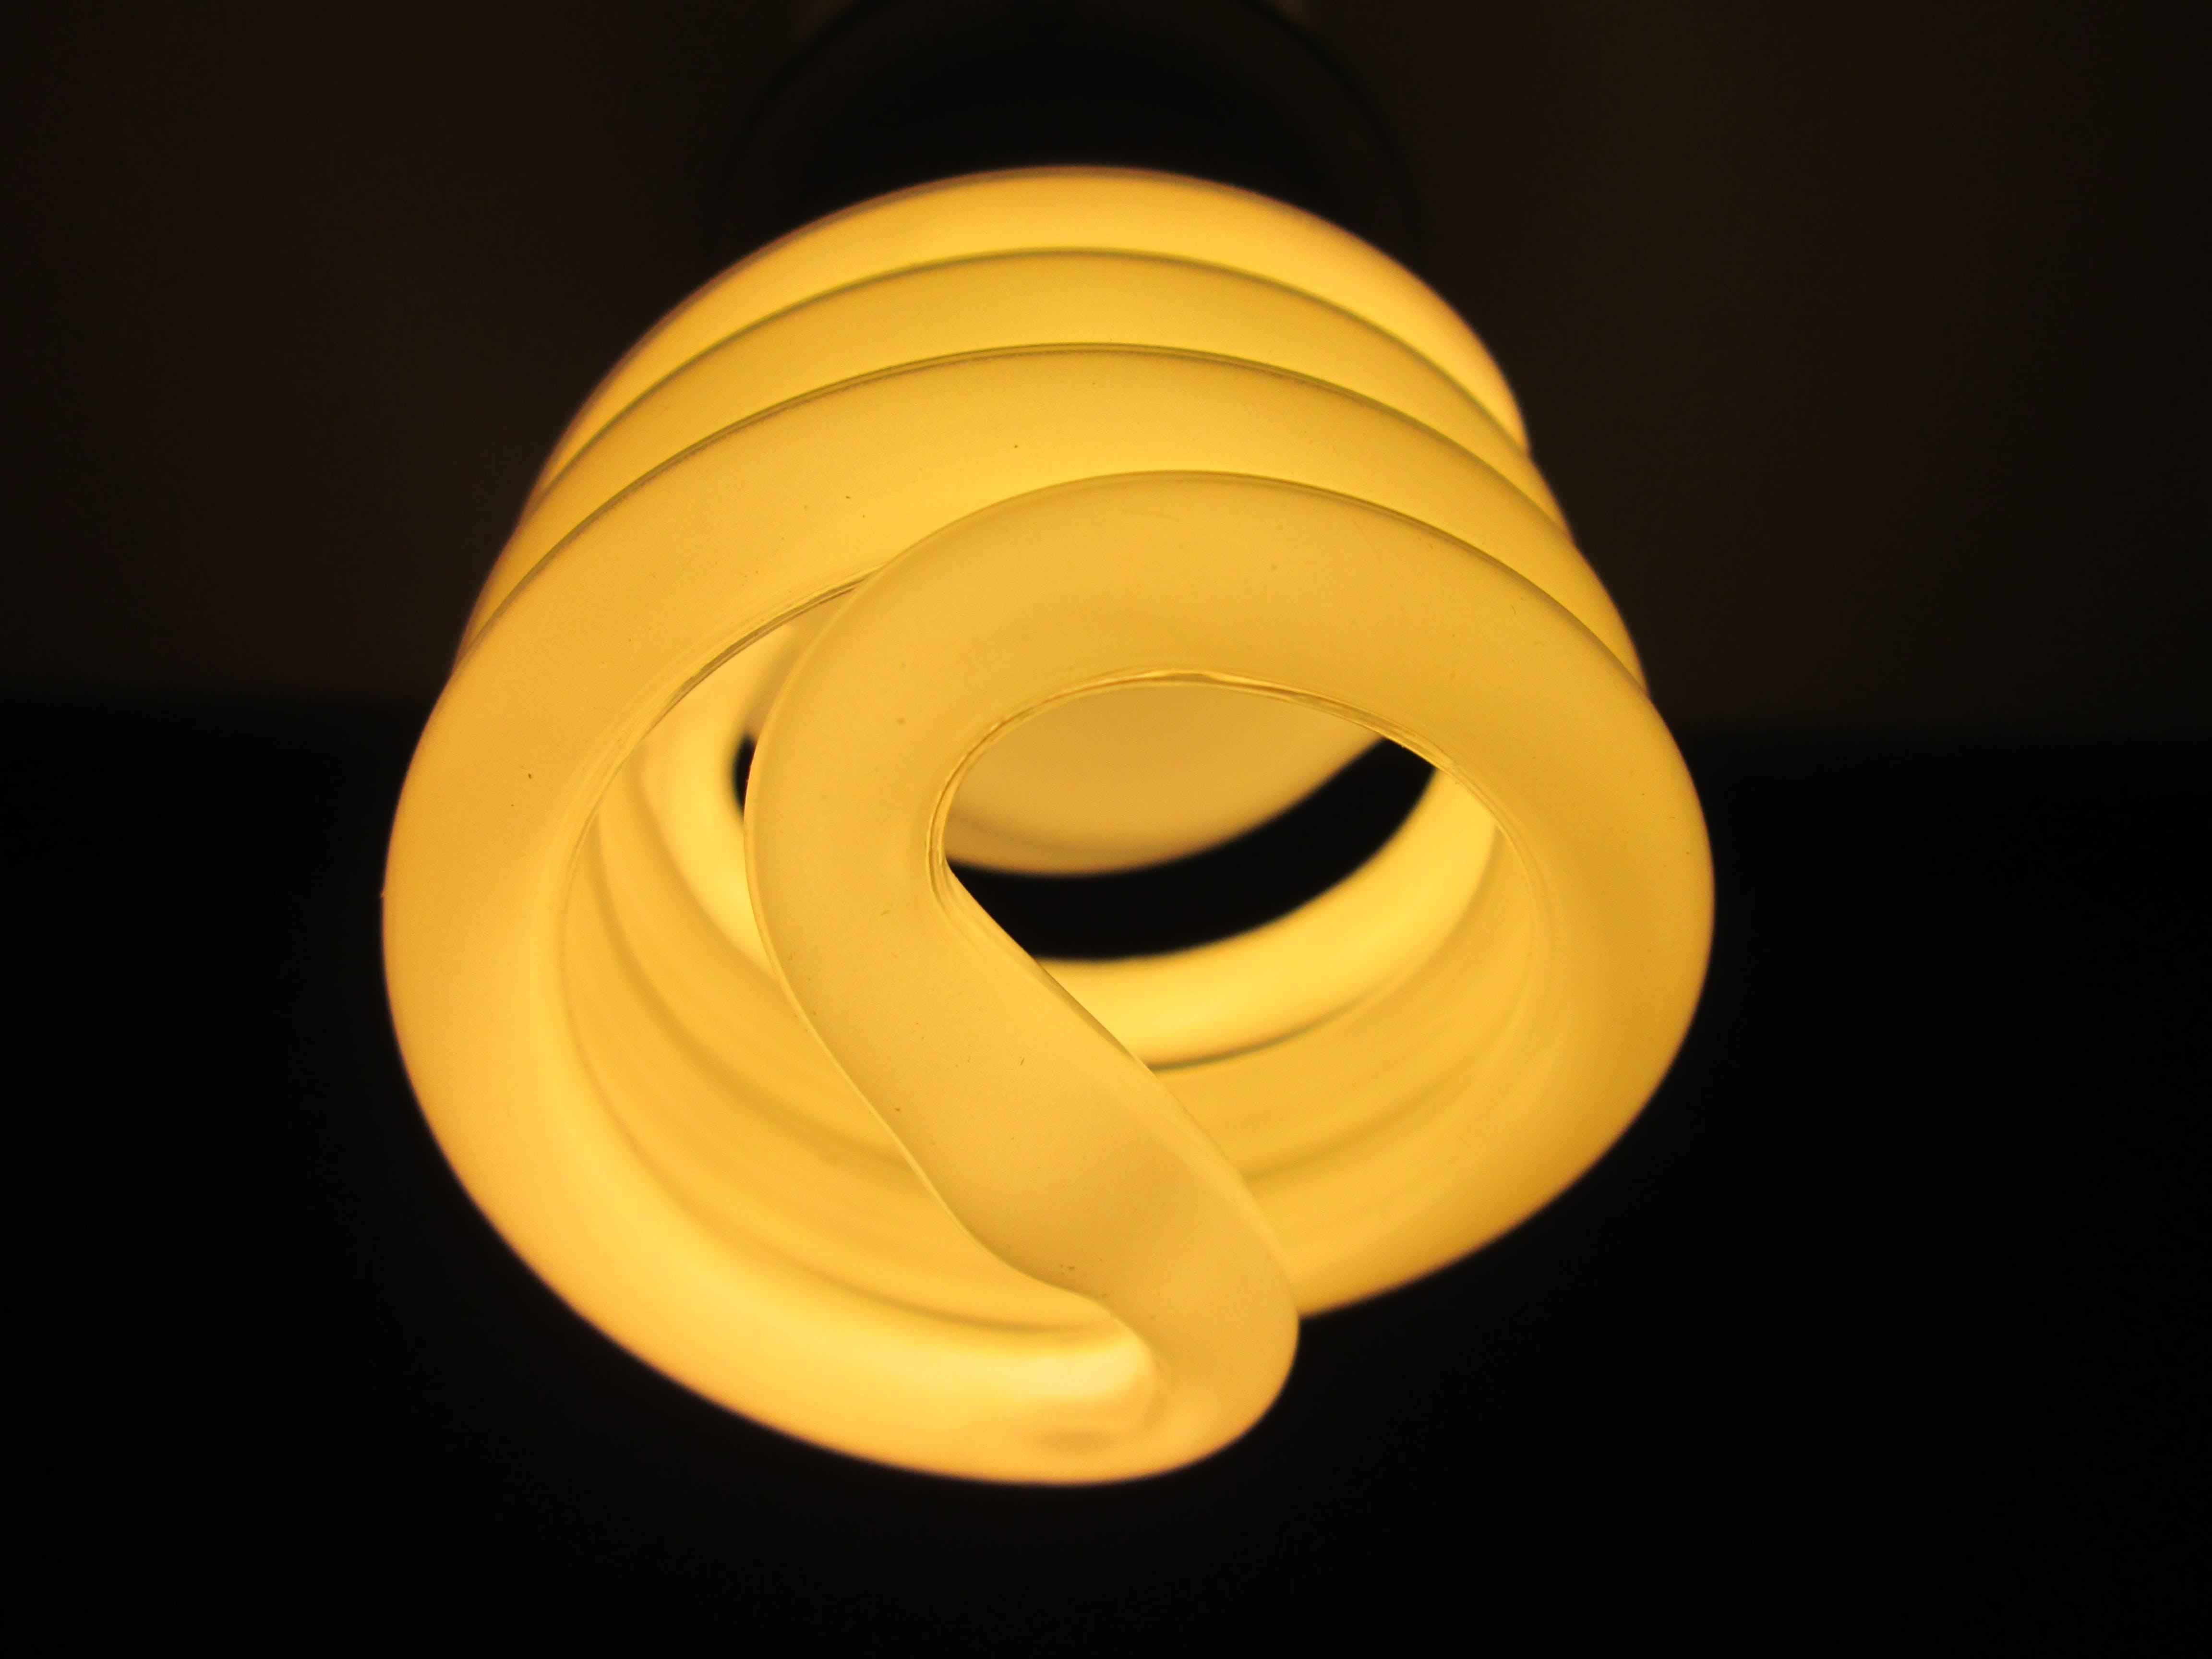 White Spiral Light Bulb